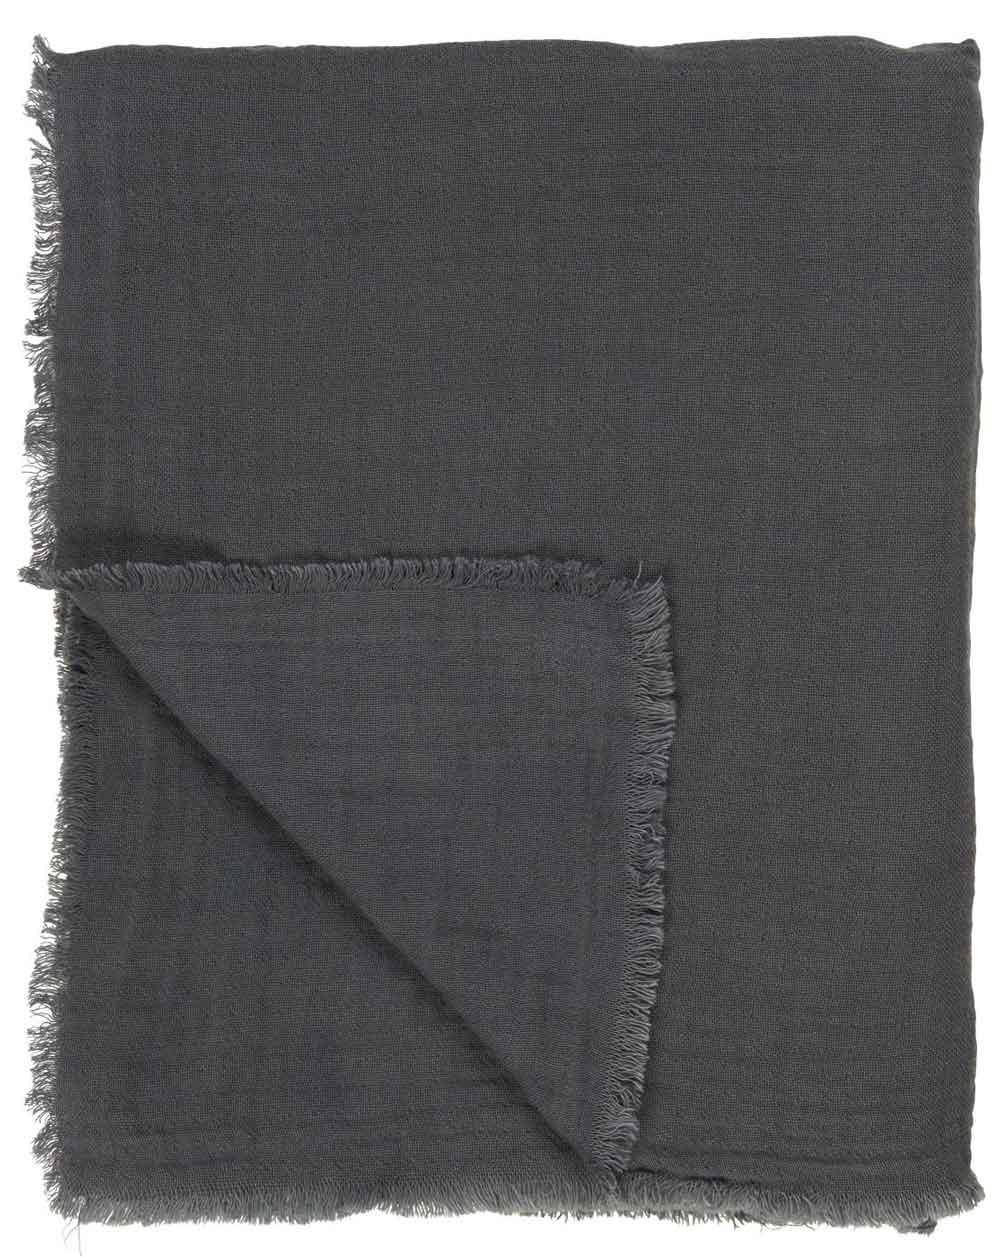 IB LAURSEN Dobbeltvævet plaid - mørkegrå bomuld